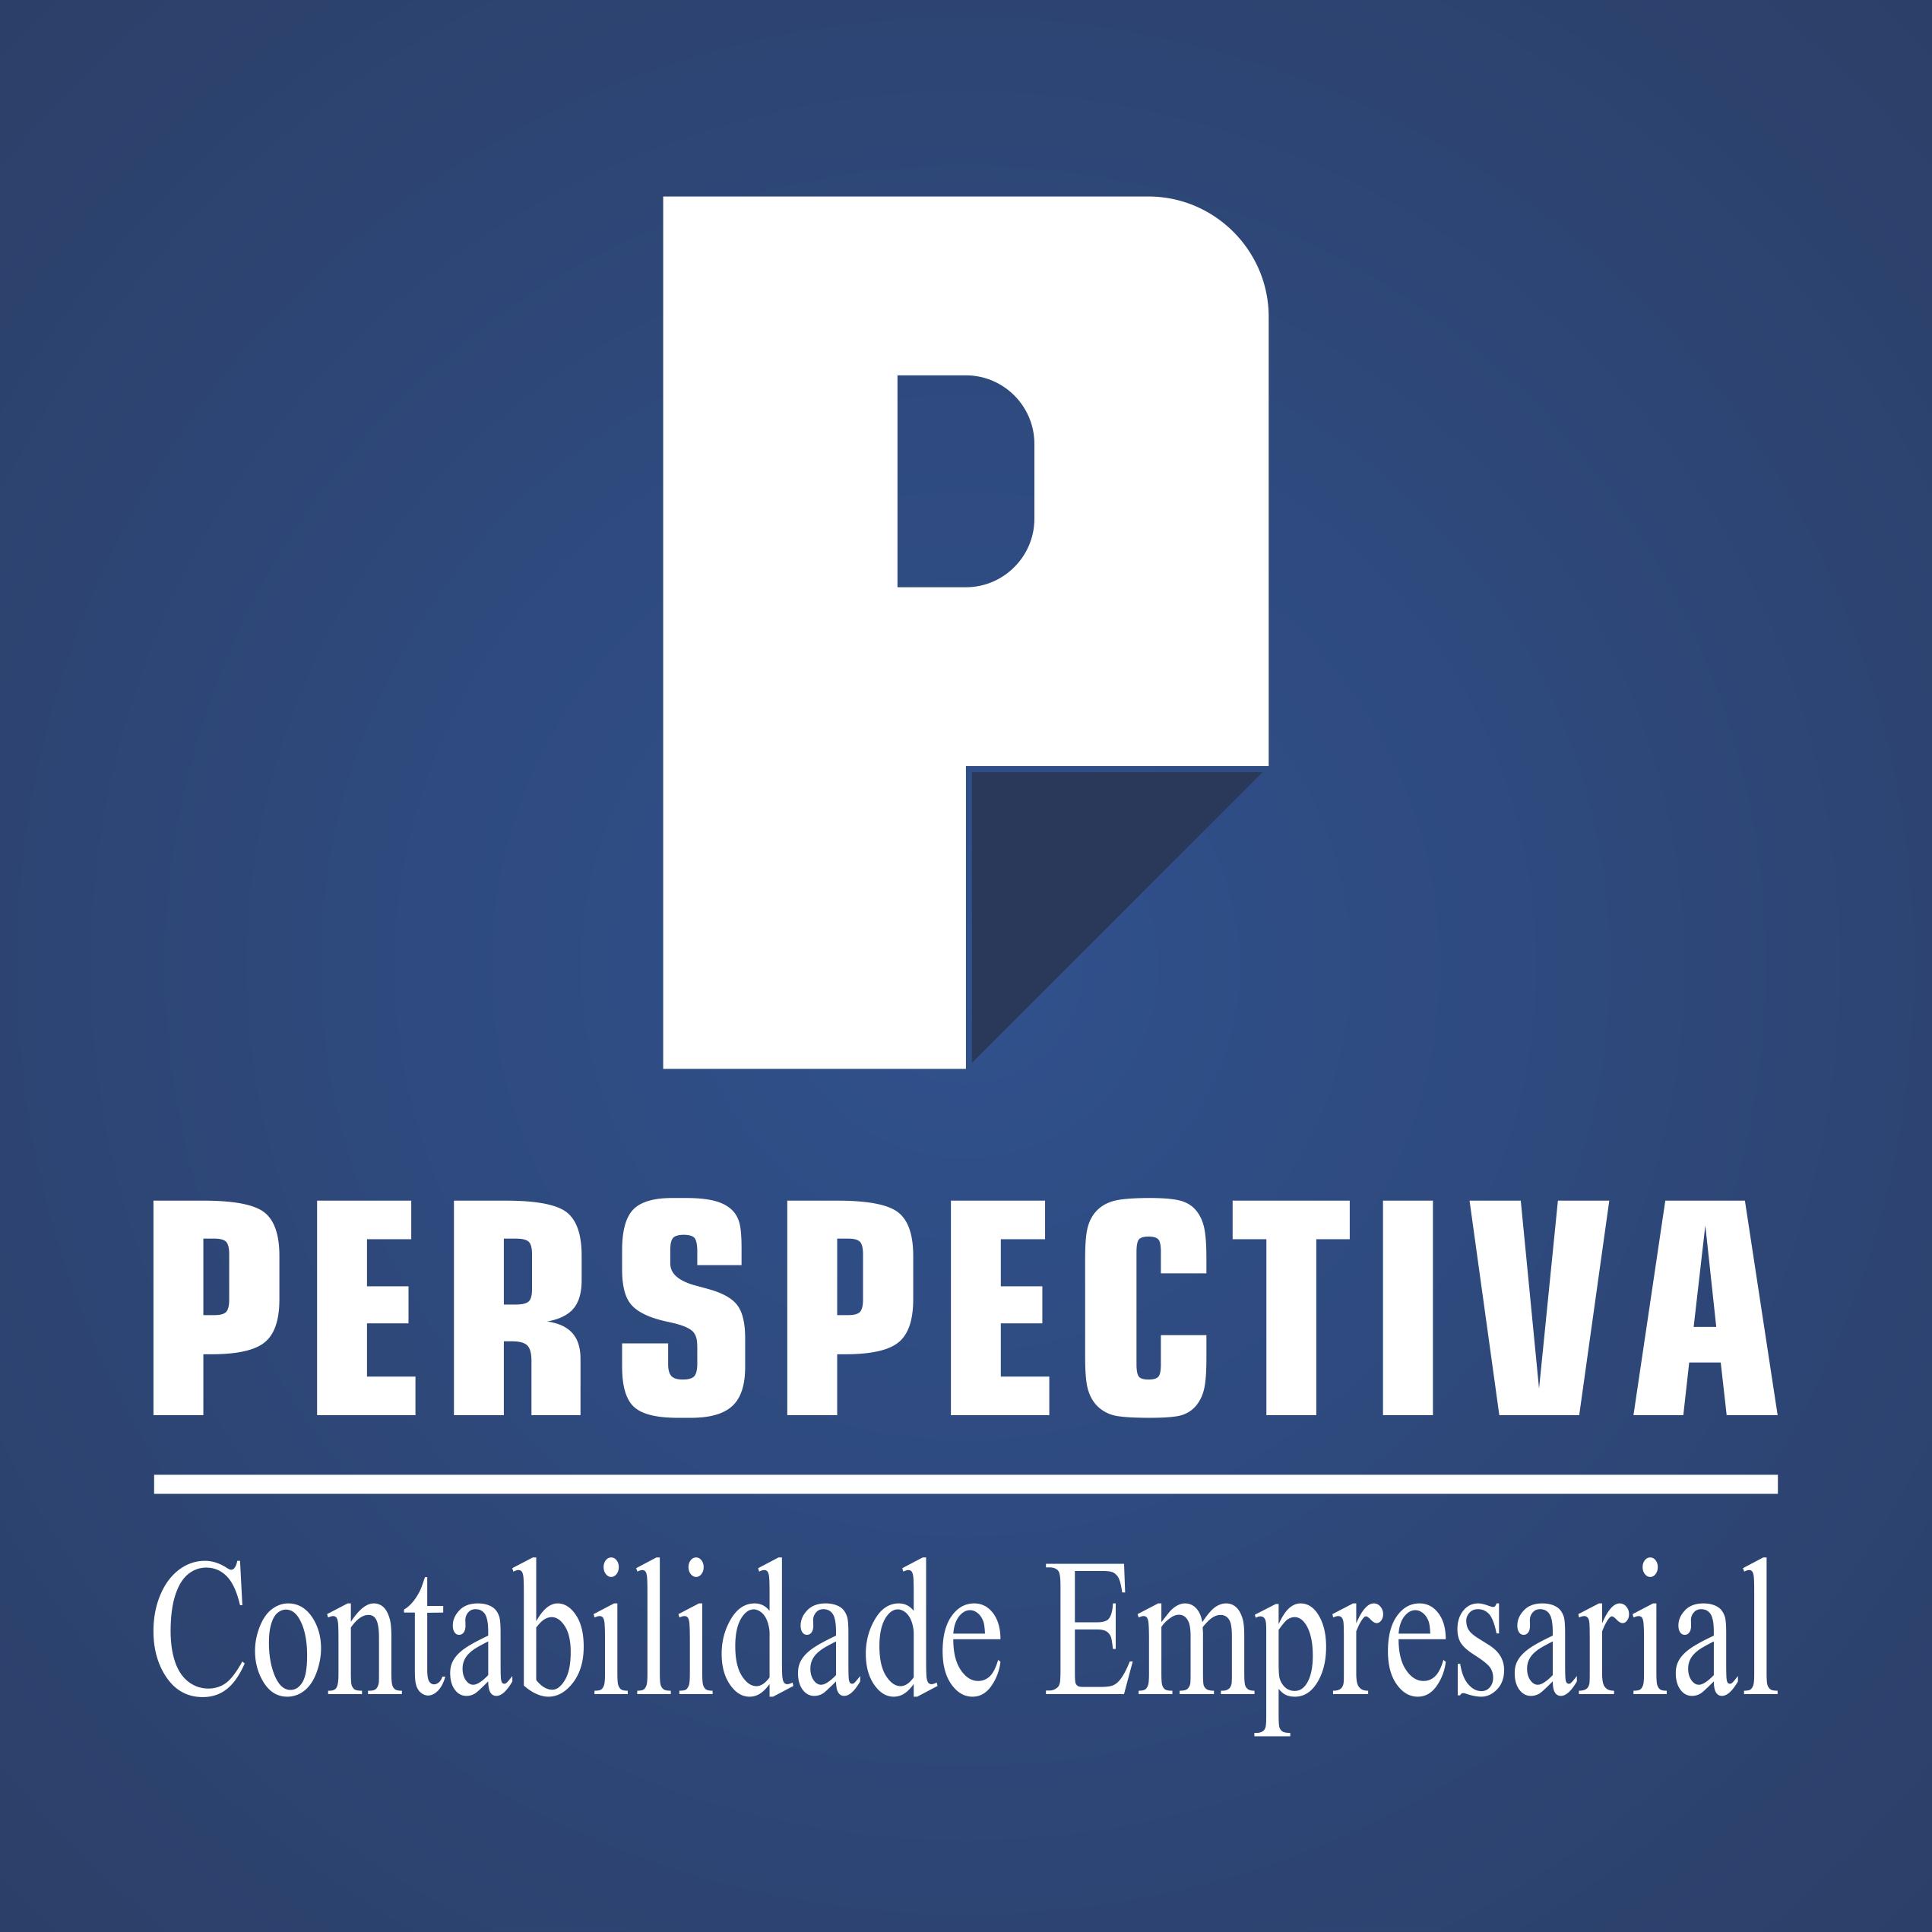 Perspectiva Contabilidade Empresarial